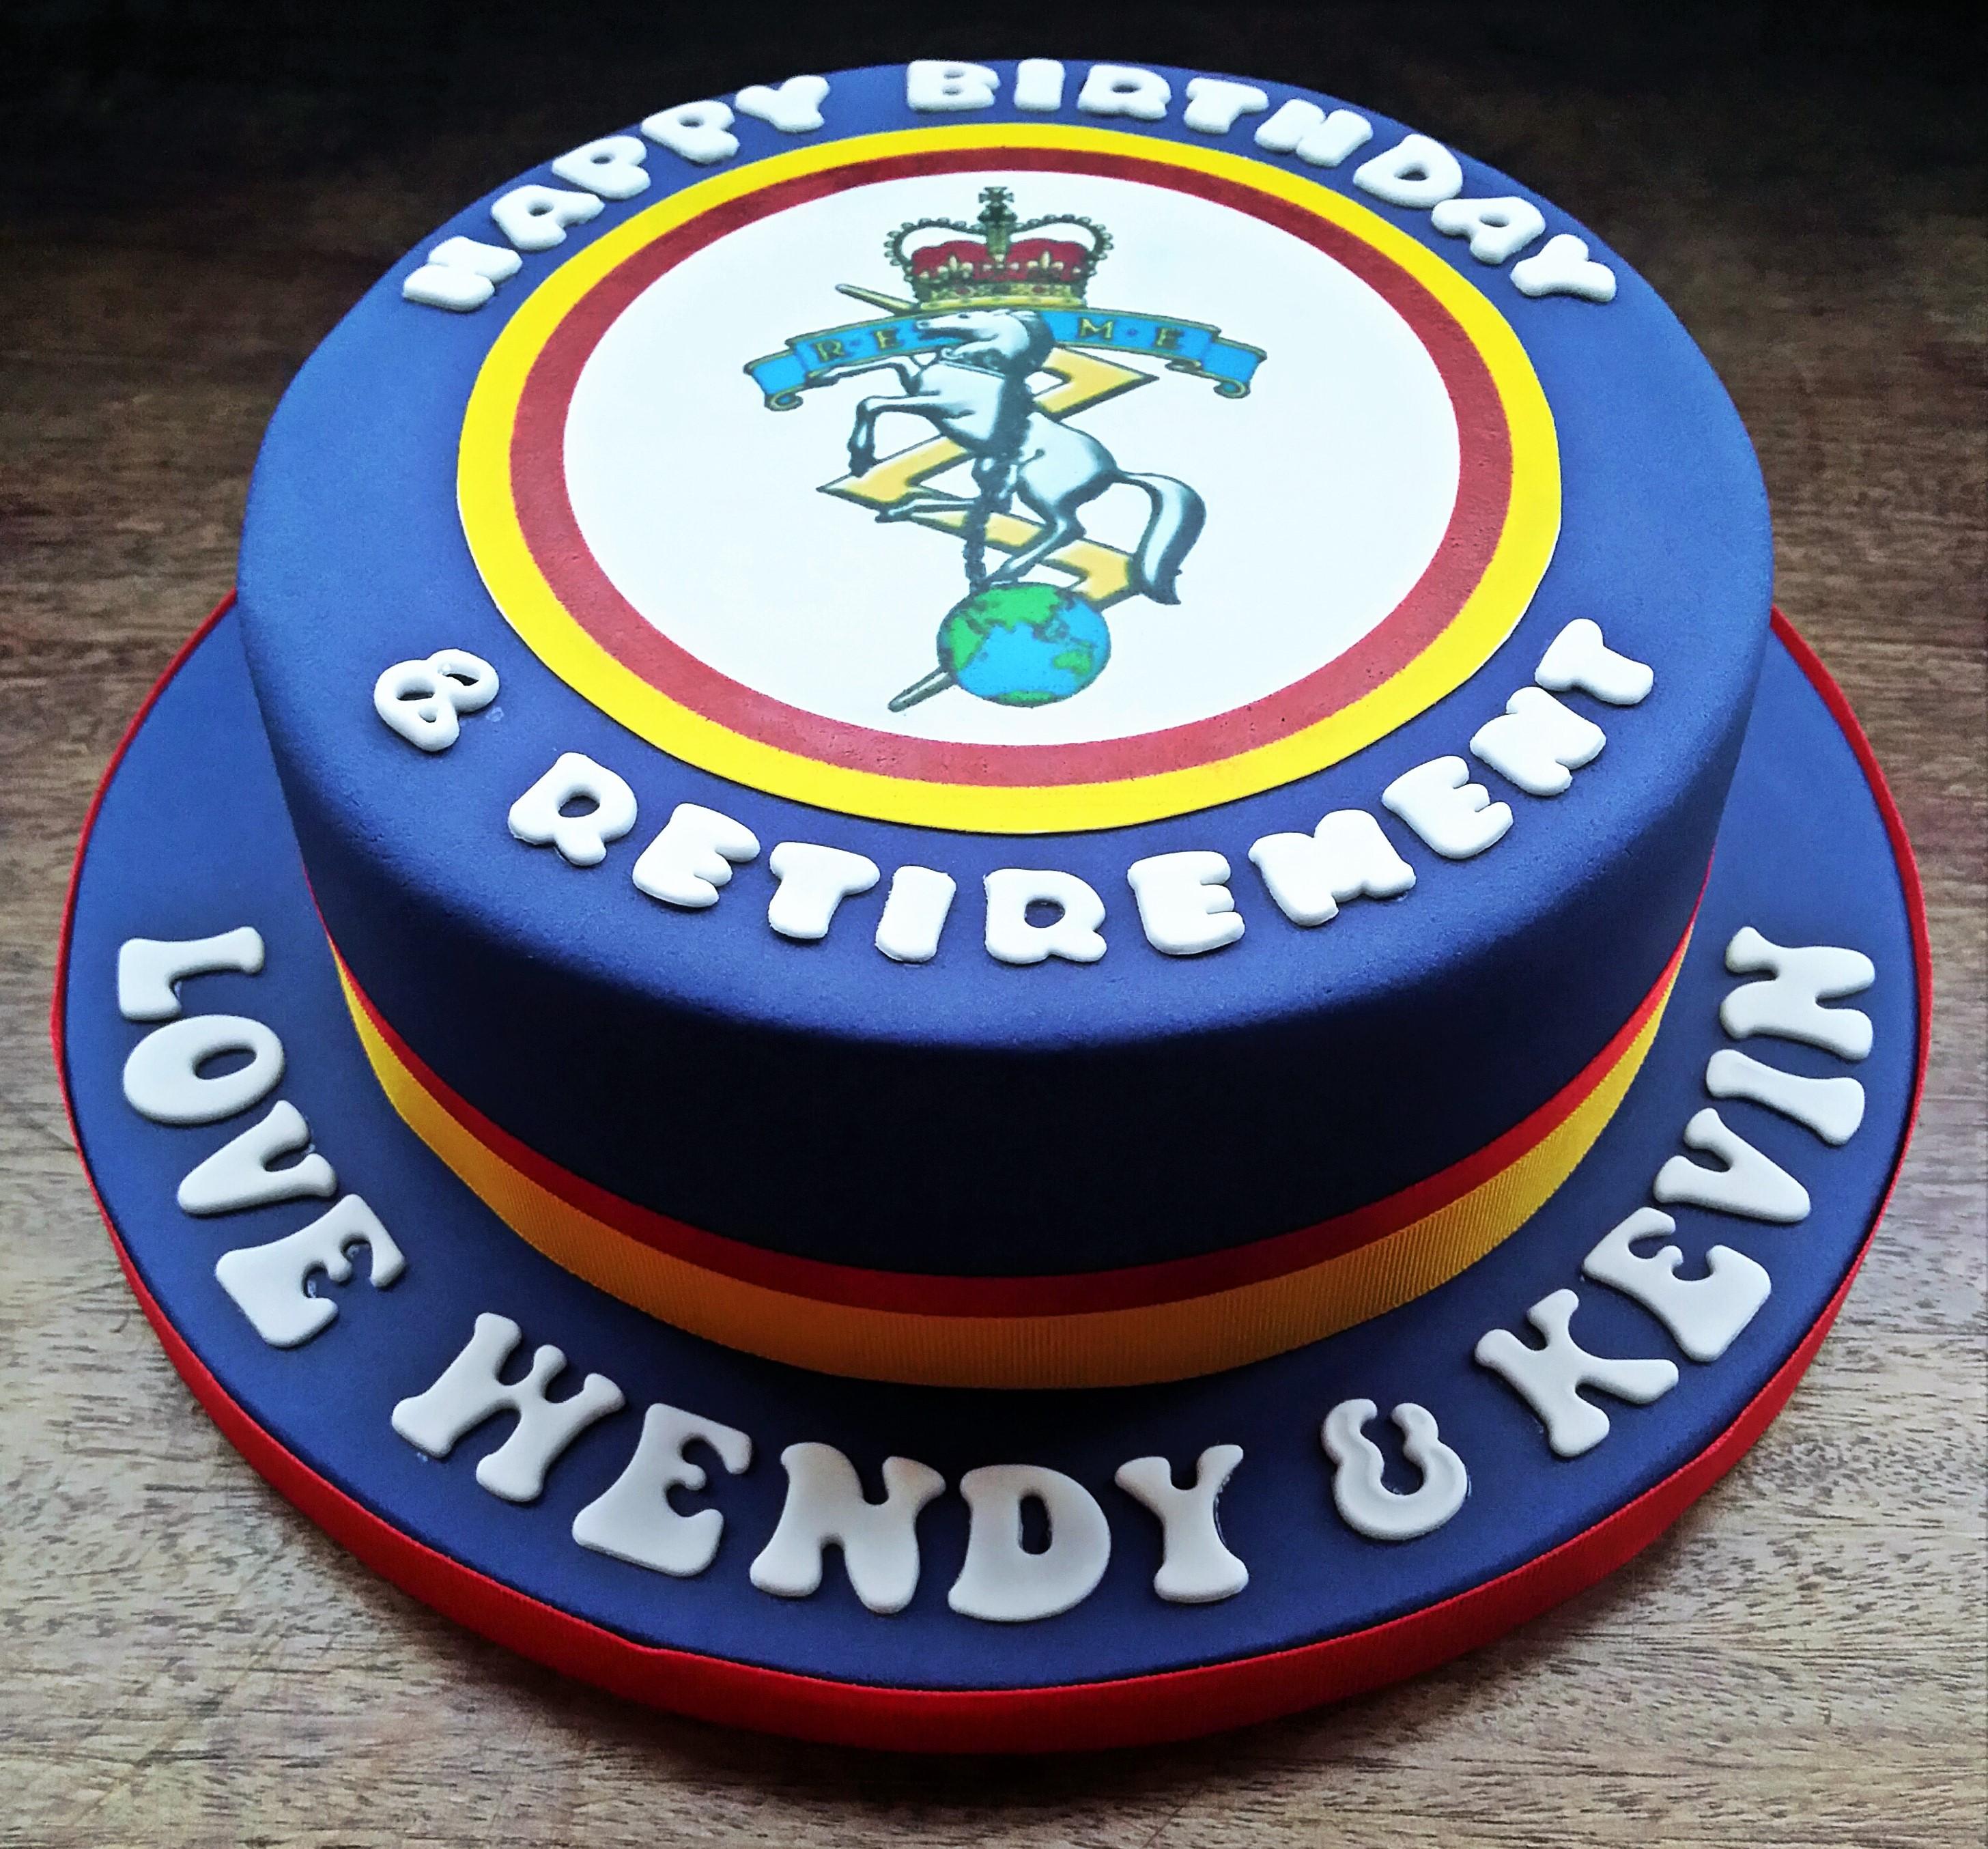 REME Cake